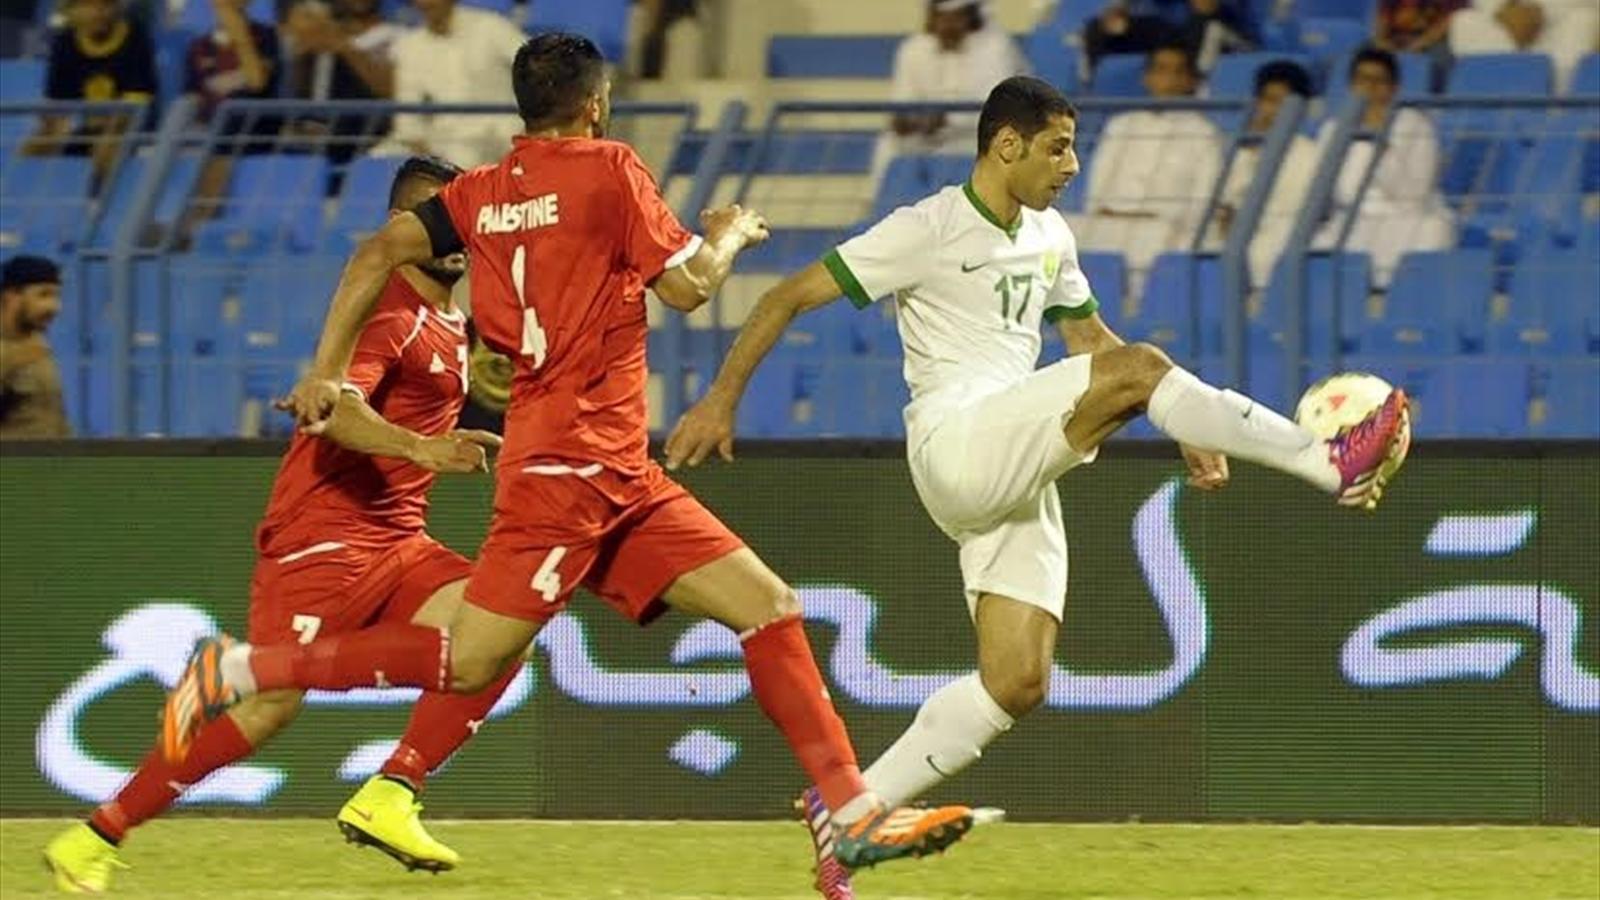 الفيفا يخطر اتحاد الكرة رسميًا بإعادة مباراة فلسطين لـرام الله